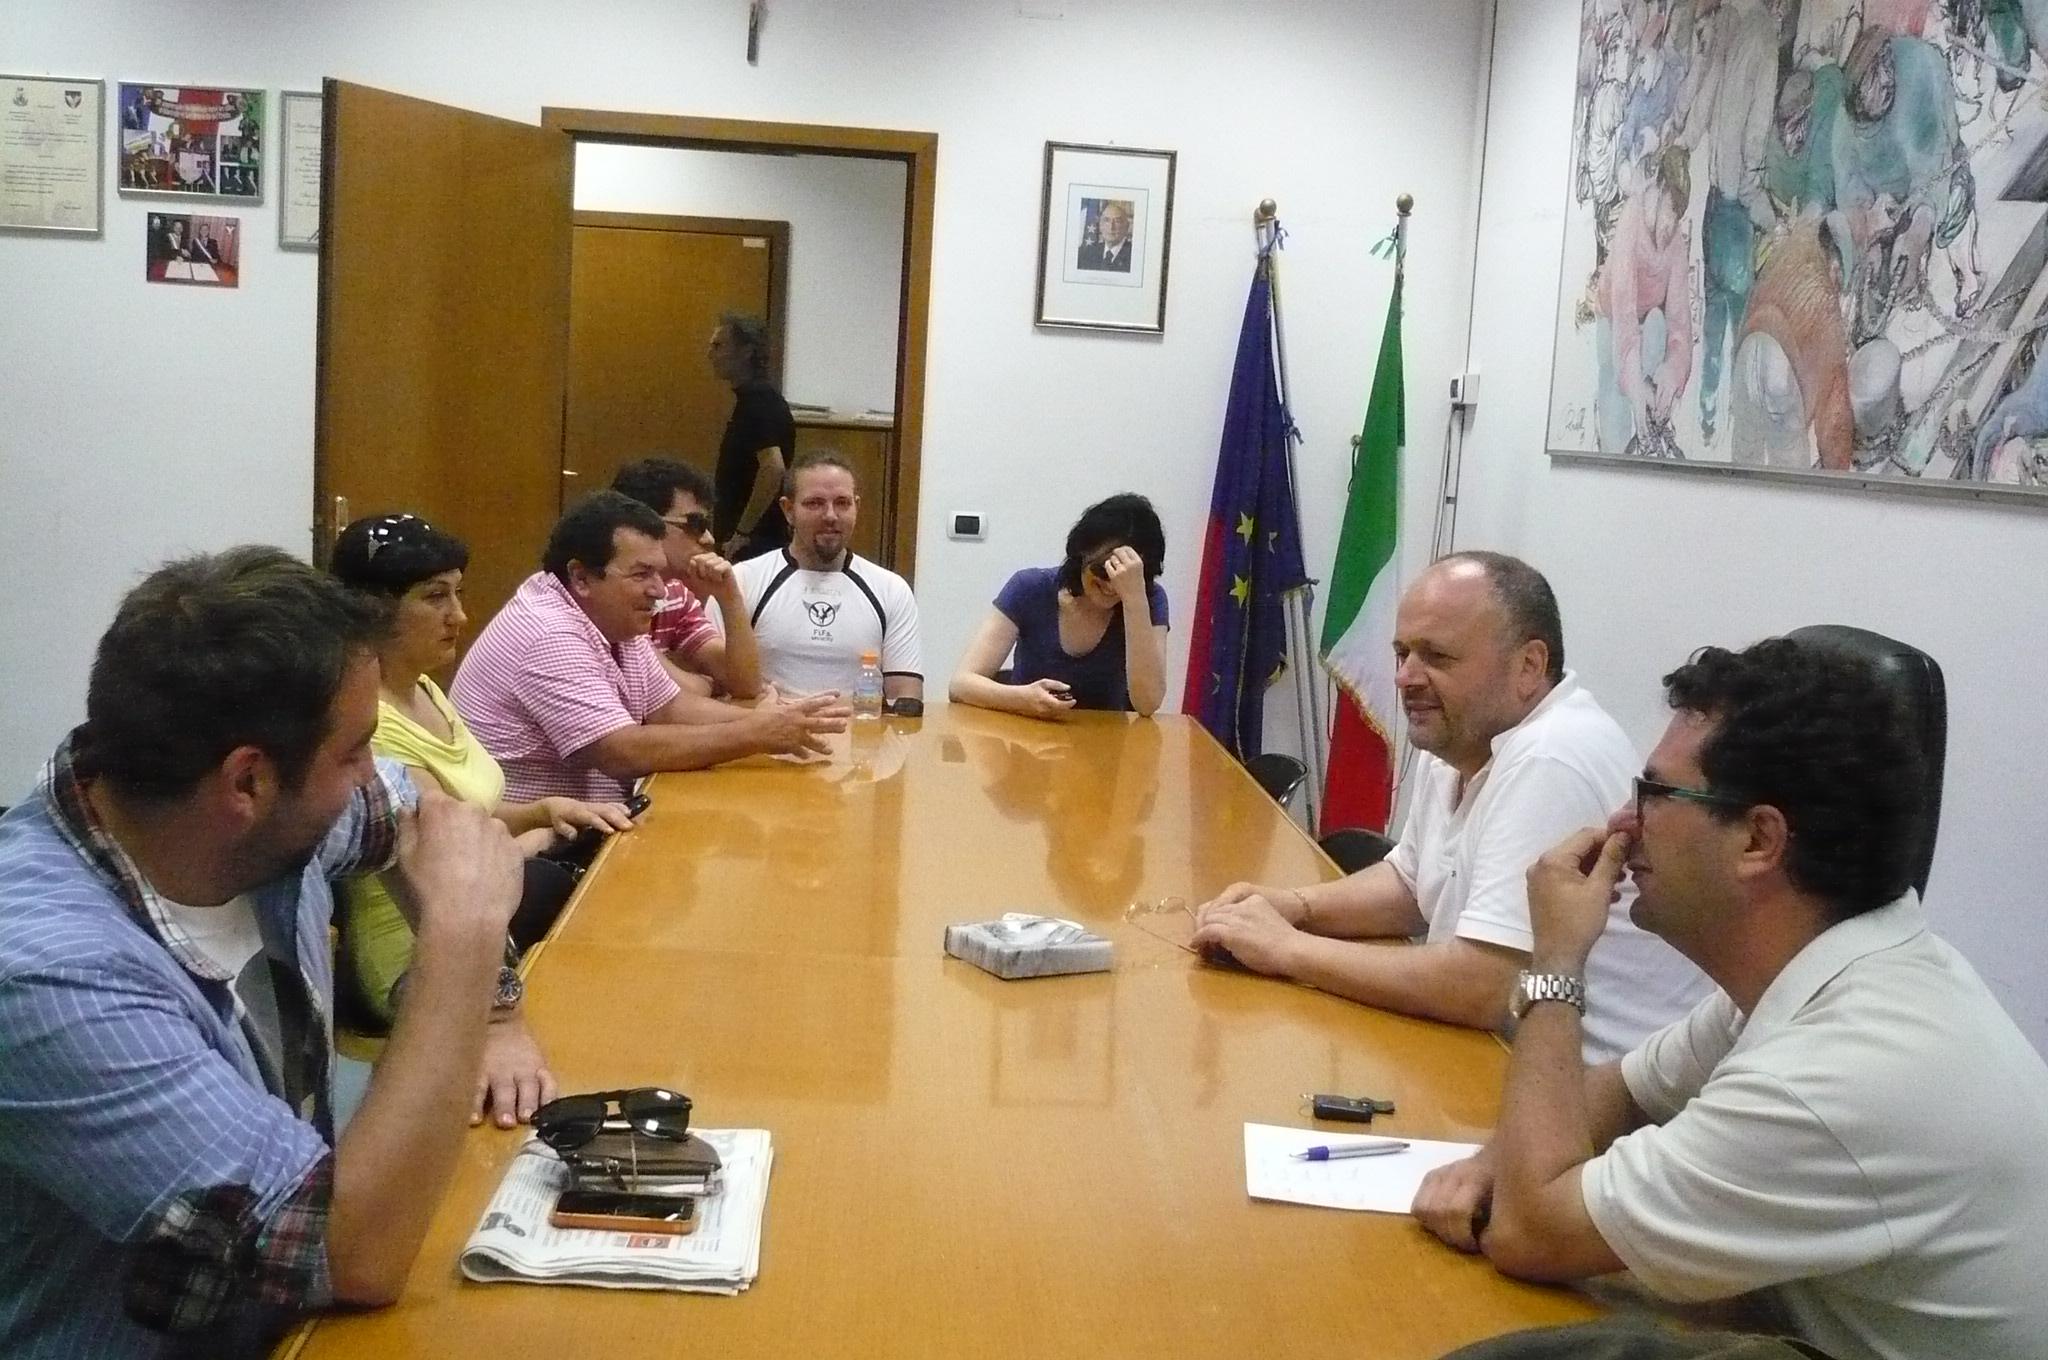 Gaspari e Spadoni a colloquio con i titolari dei locali